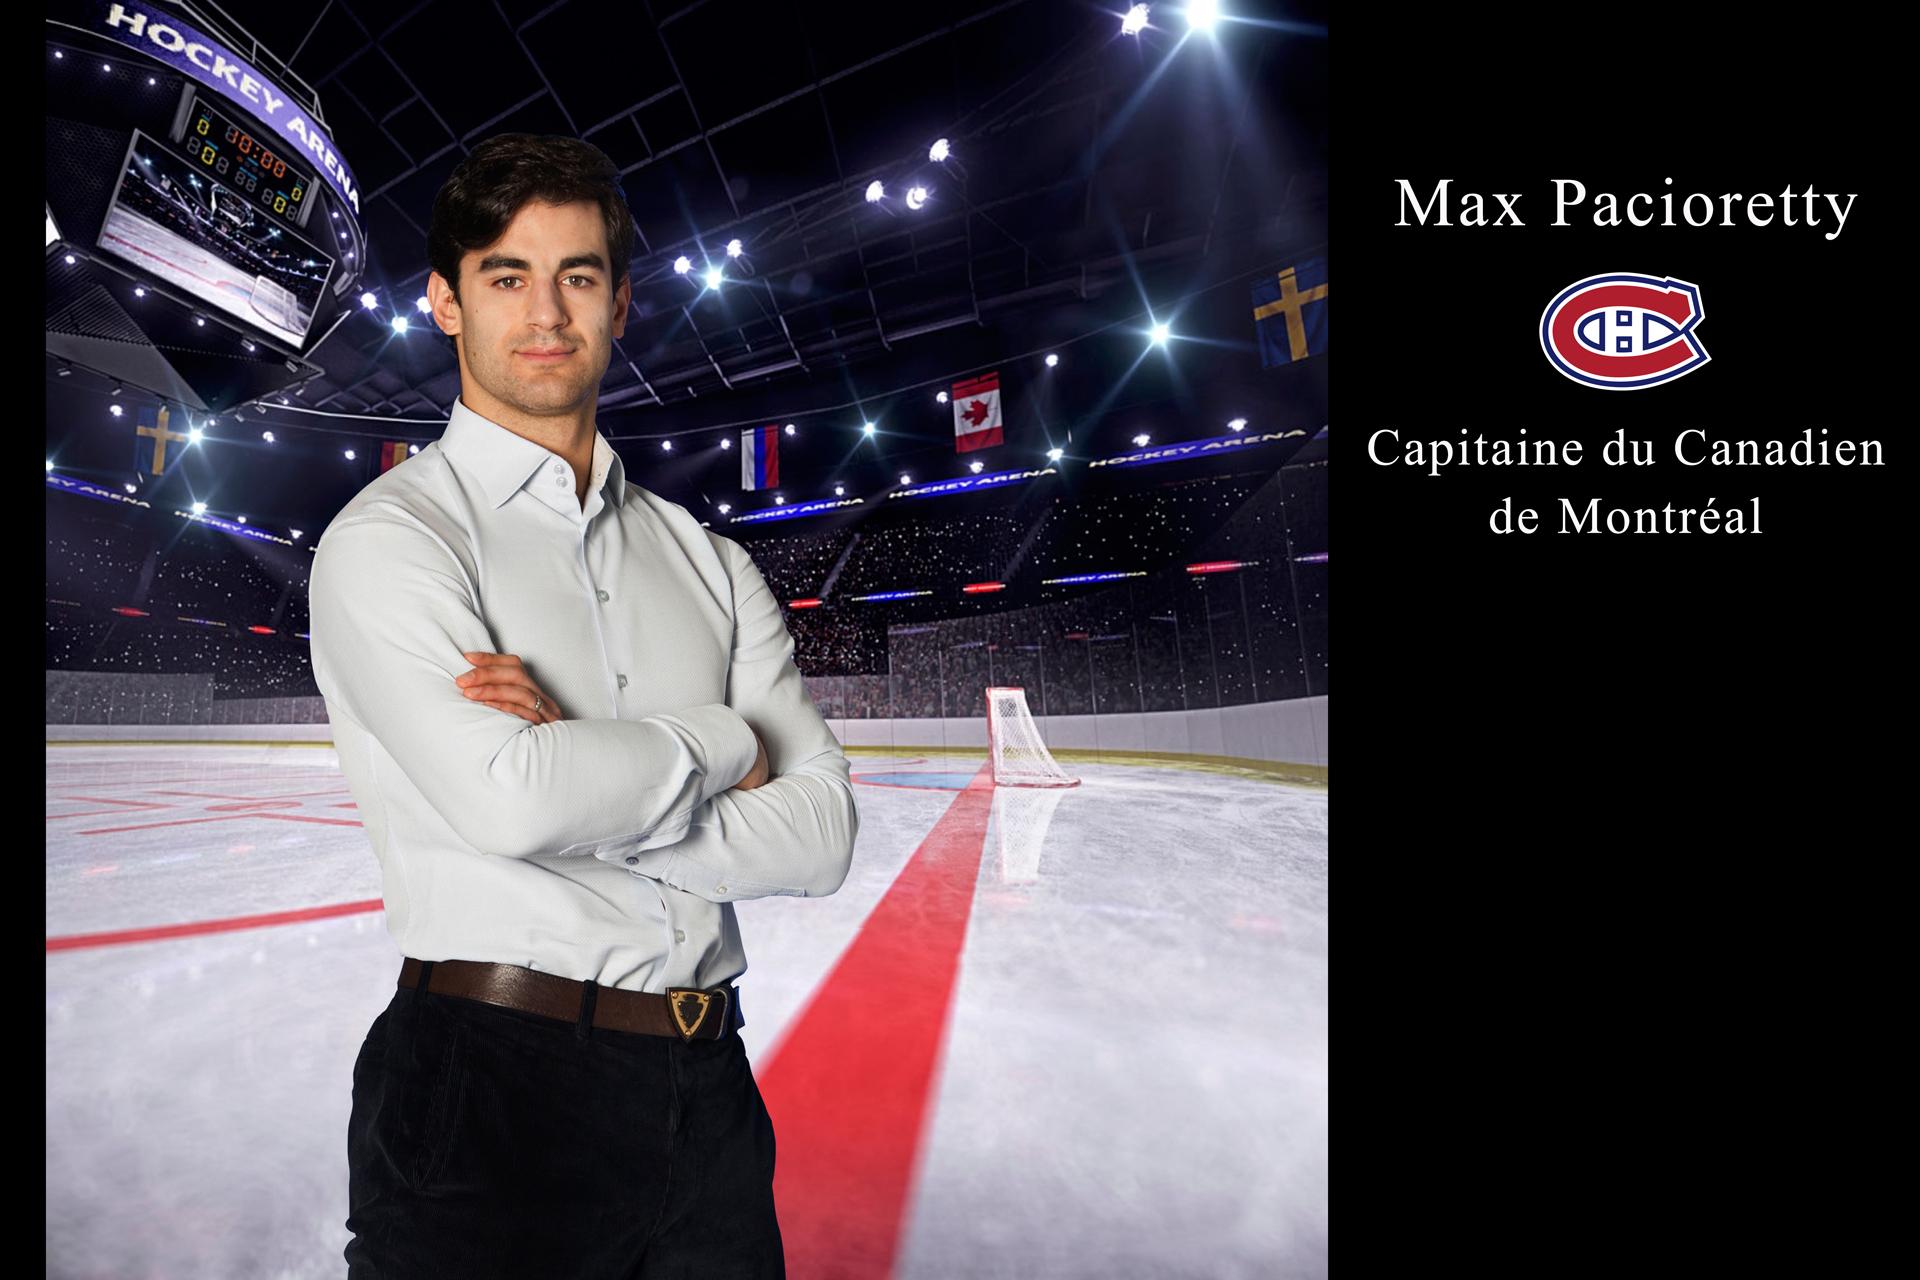 Max Pacioretty Capitaine du Canadien de Montréal